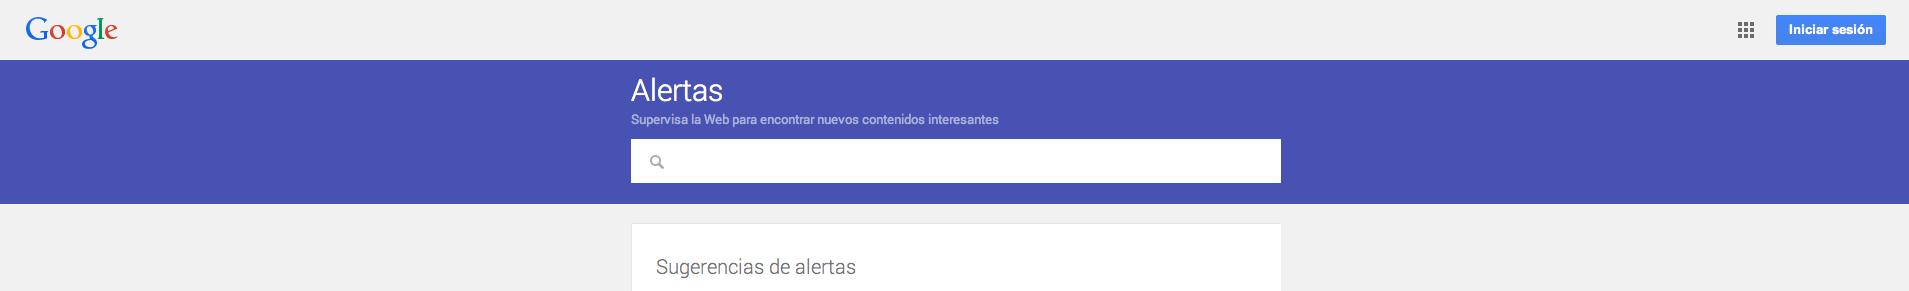 google_alerts_reputacion_online